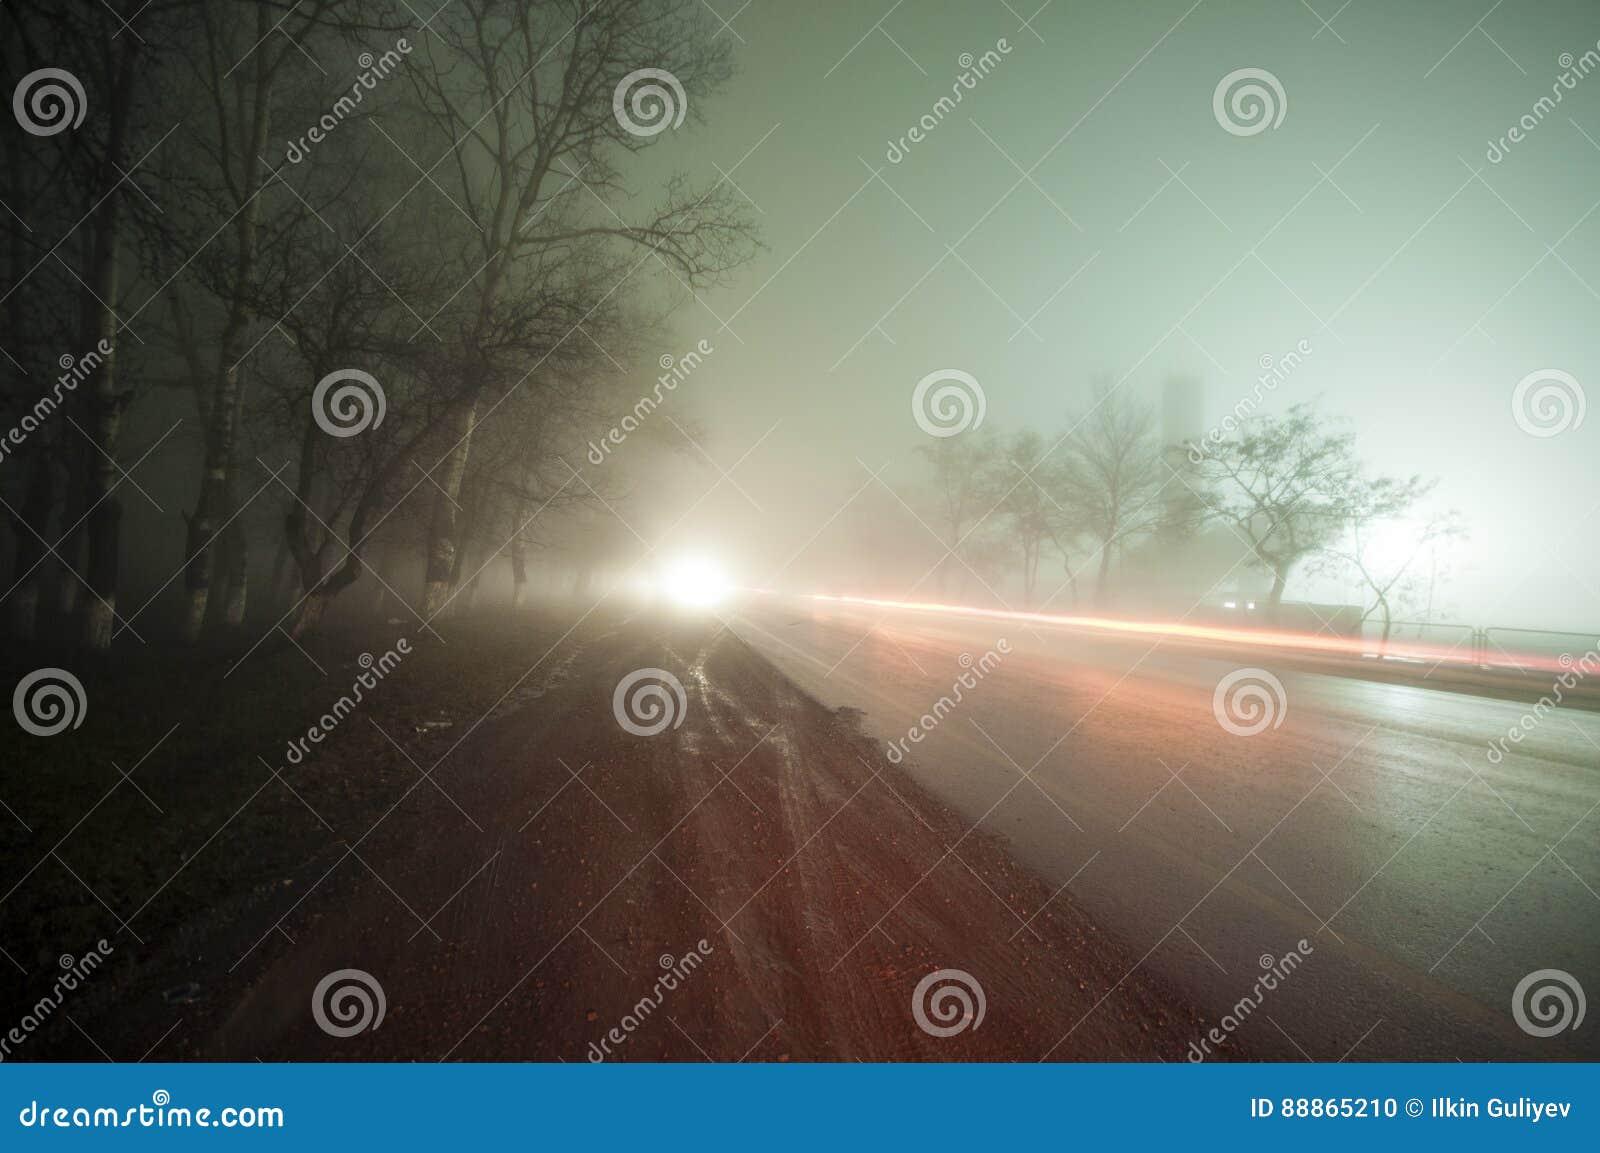 Härligt nattlandskap av den dimmiga vägen i en mörk skog efter regn _